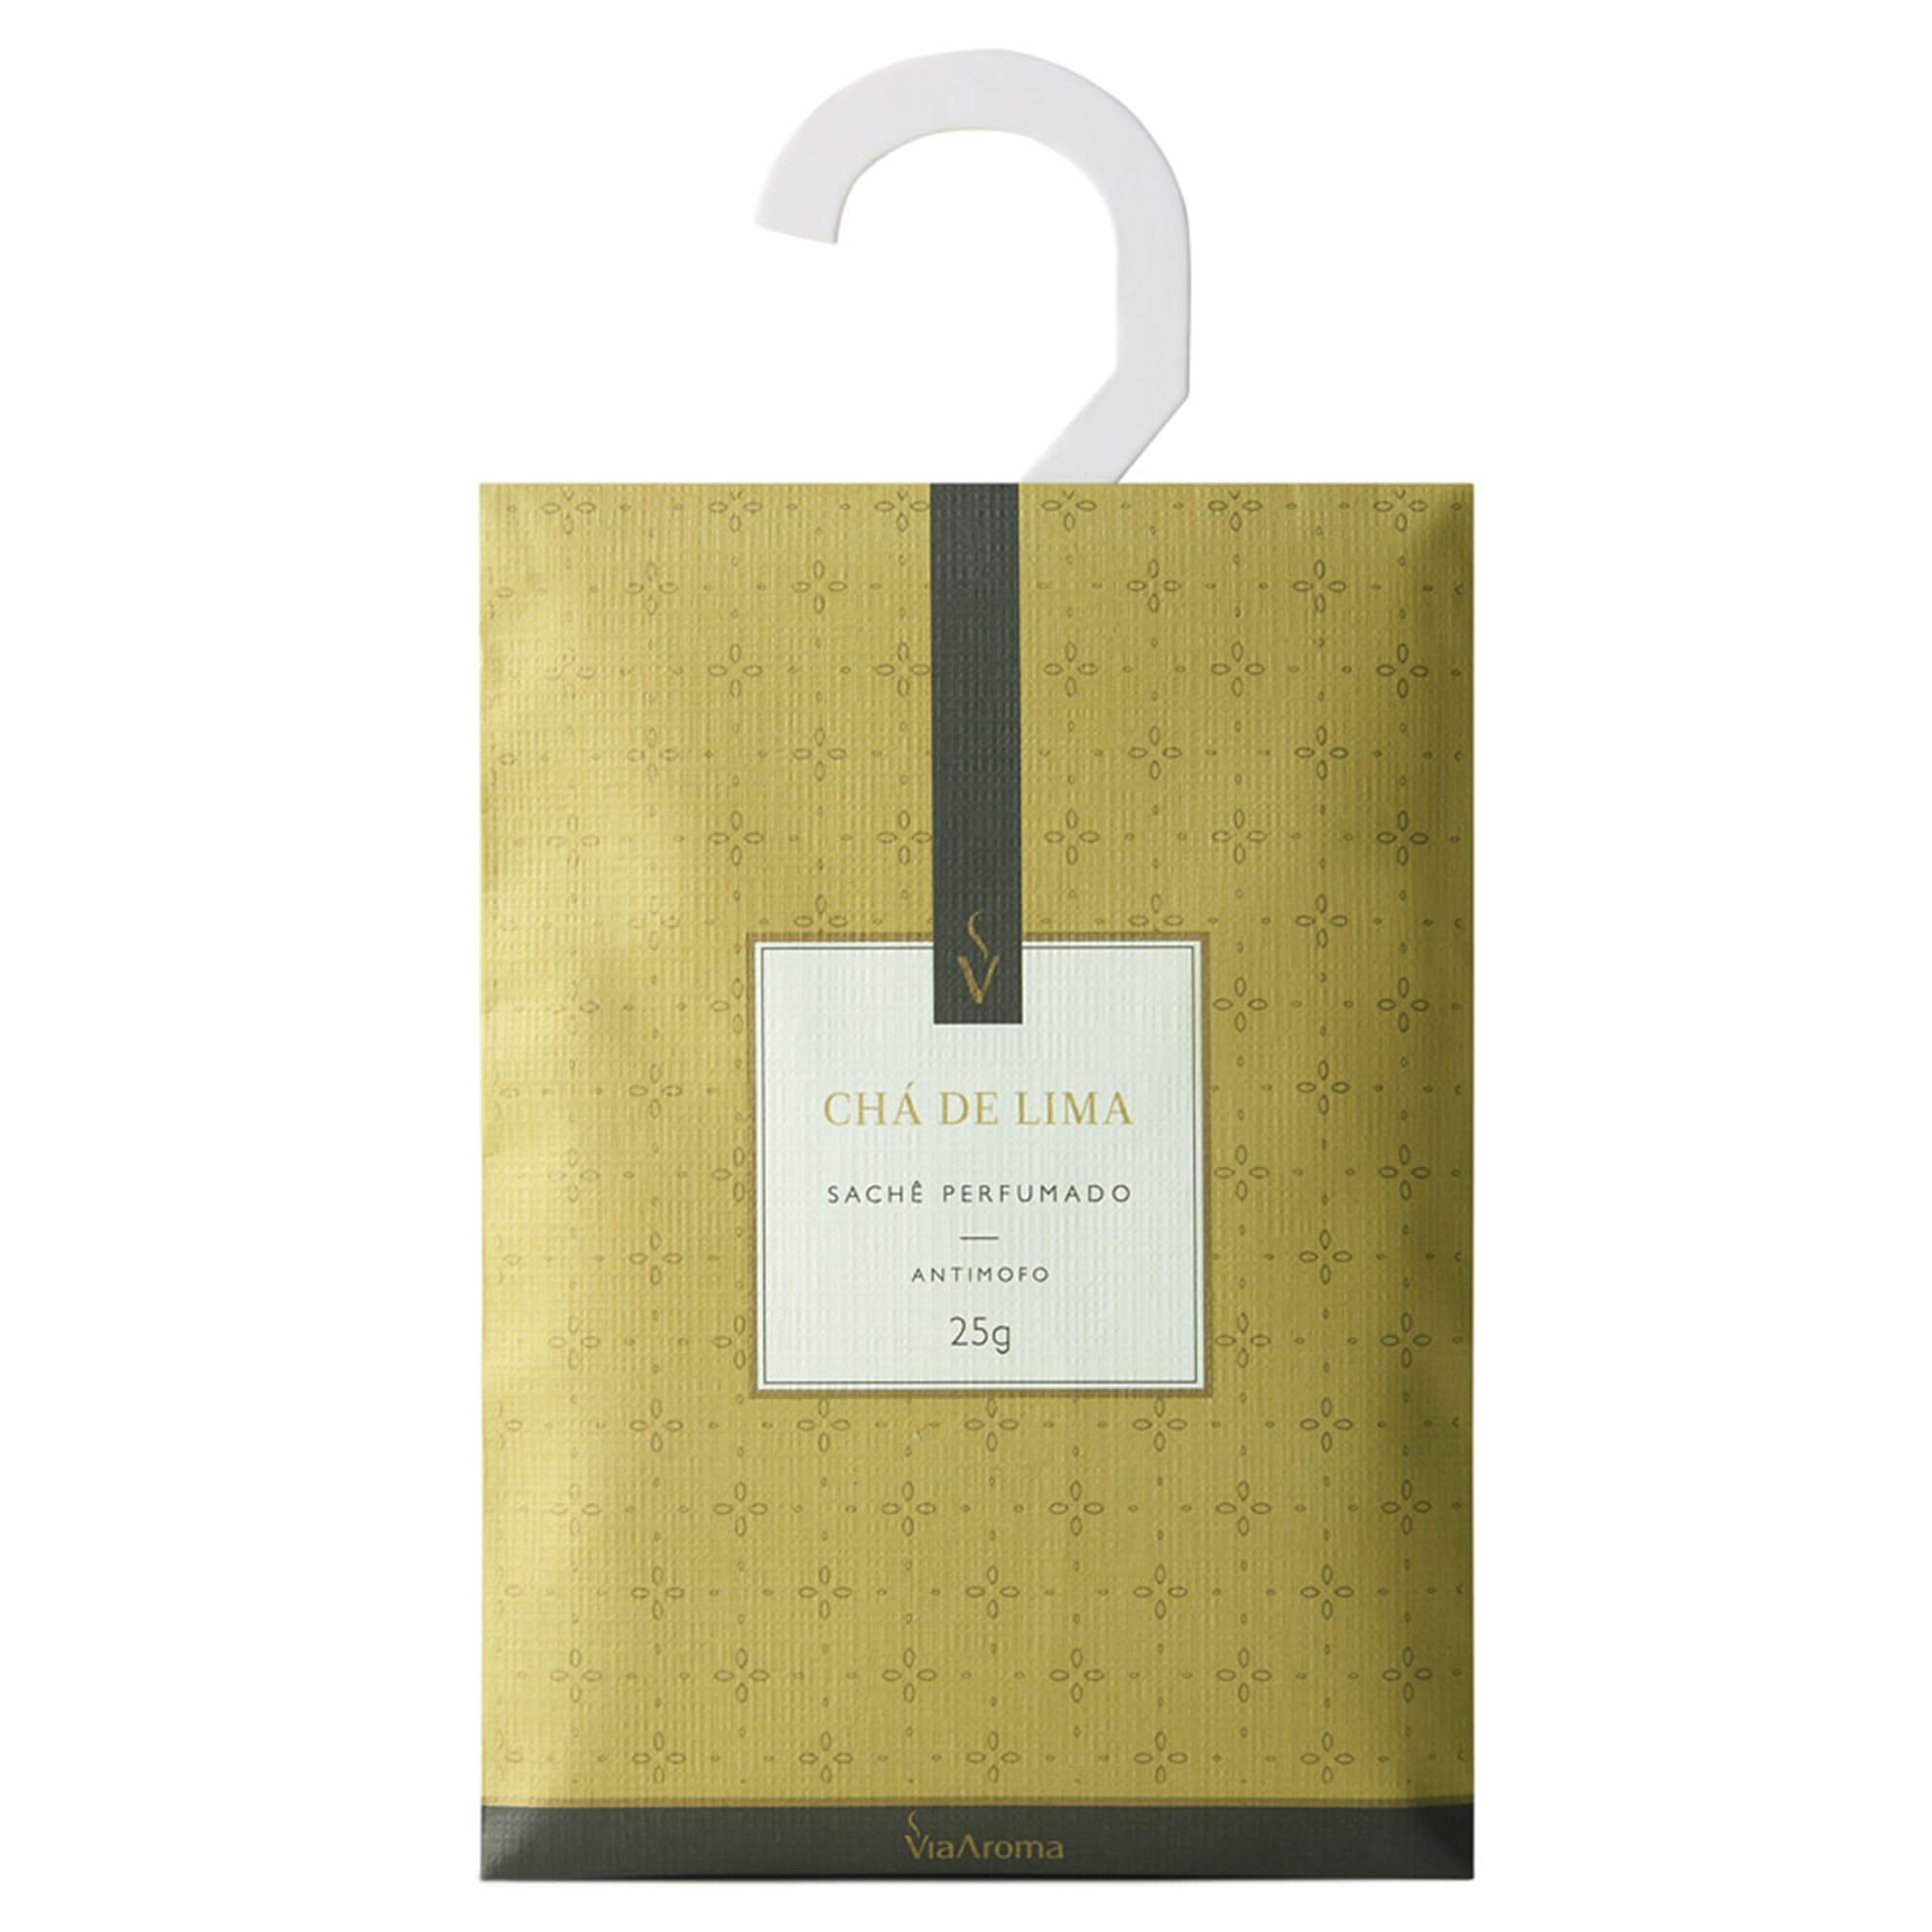 Sache Perfumado Chá de Lima 10g - Via aroma